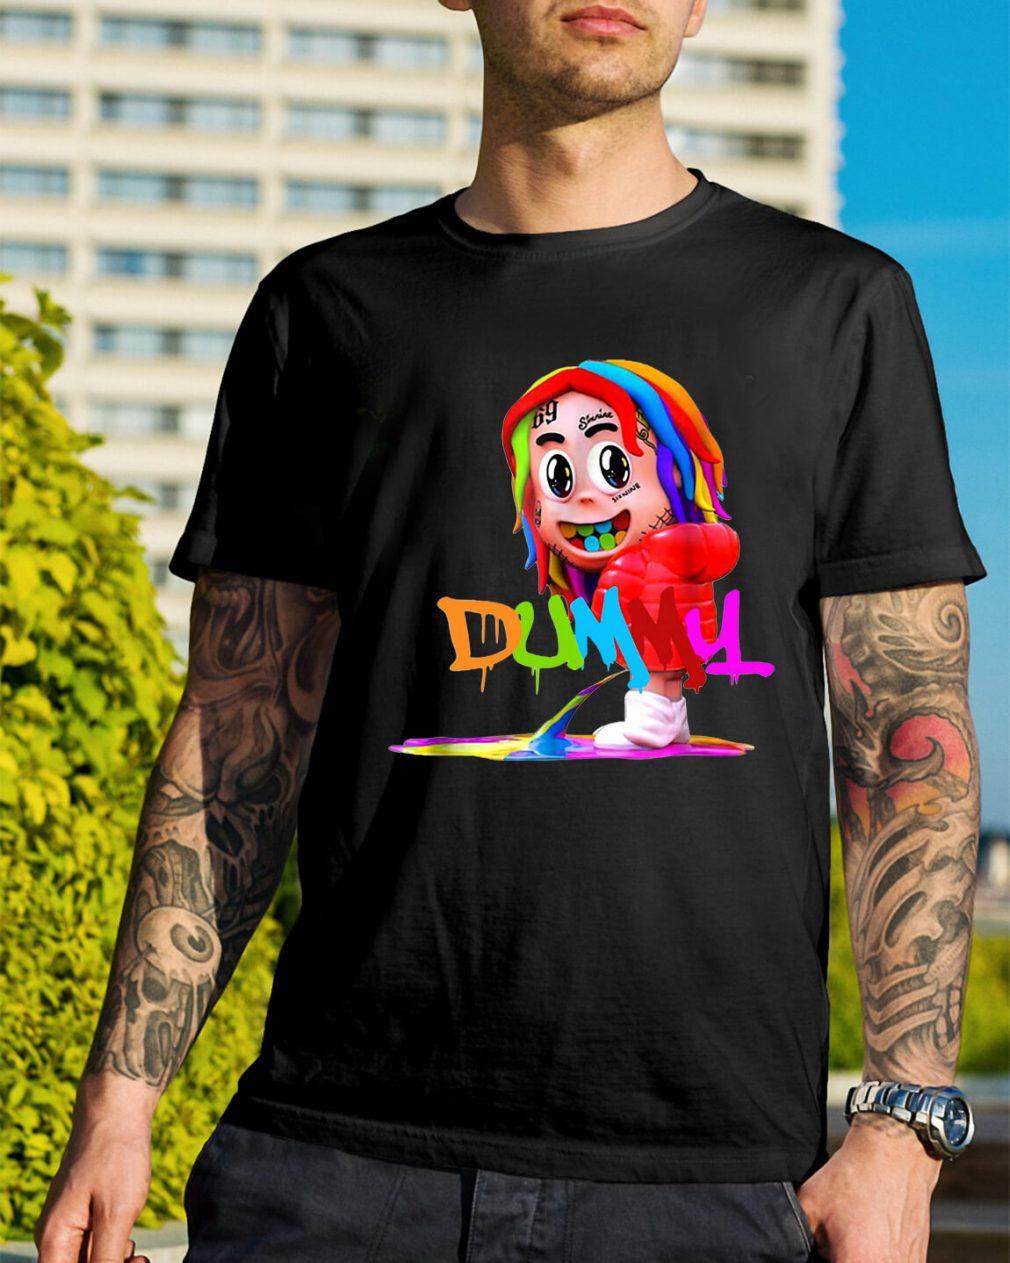 Dummy boy 6ix9ine shirt